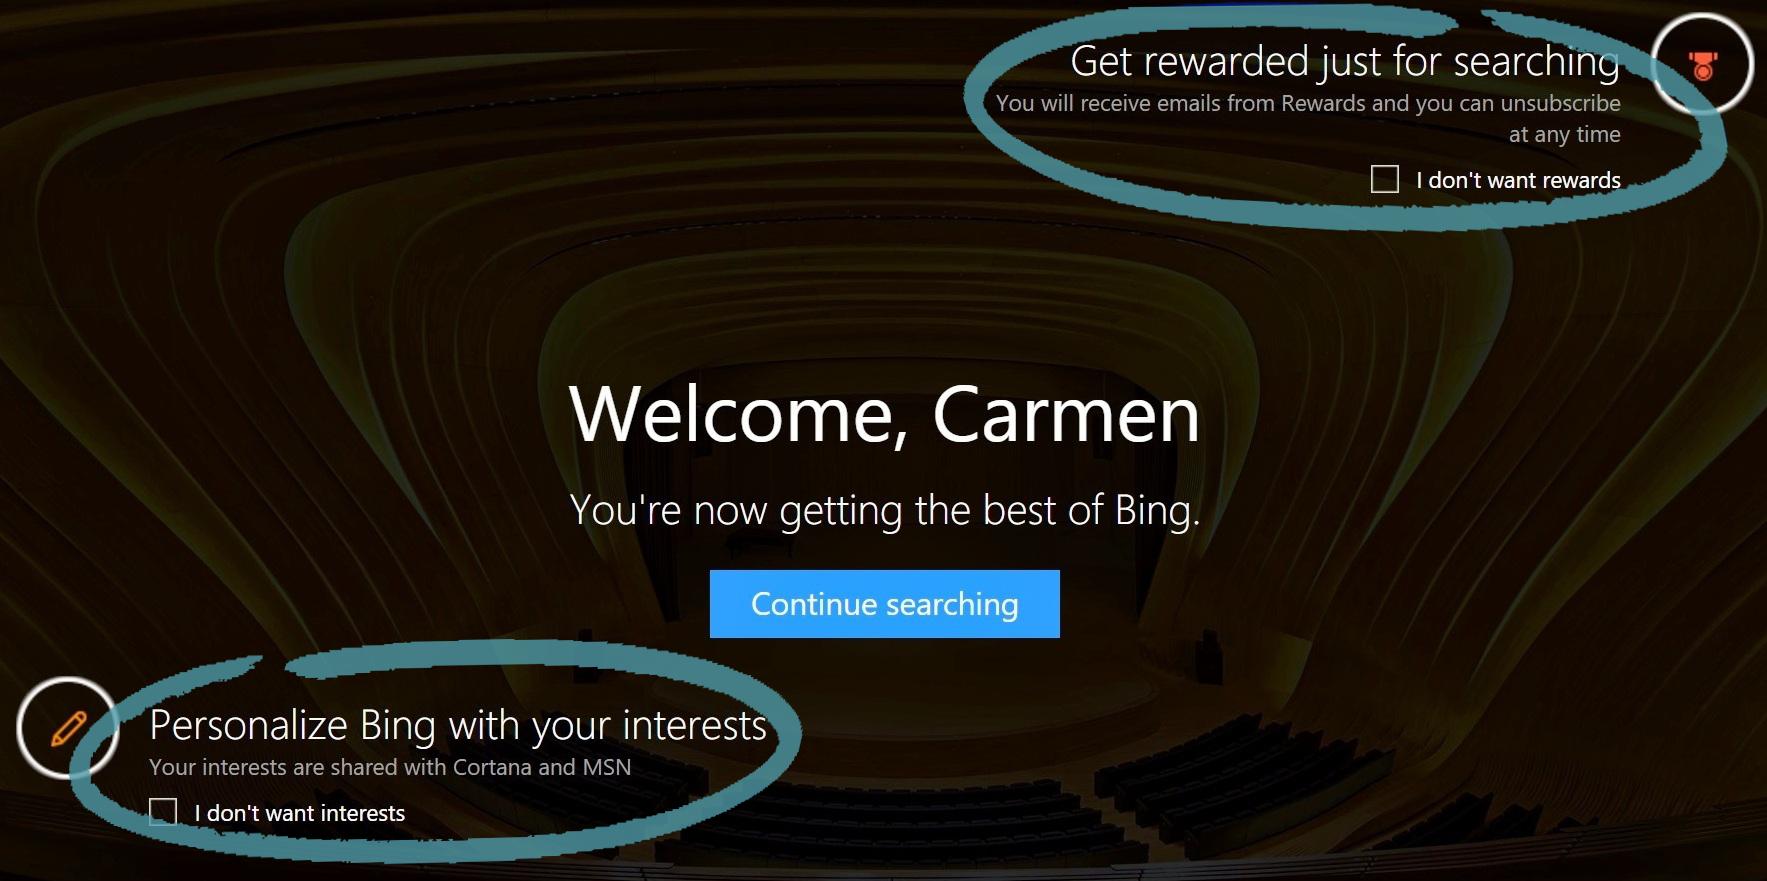 דף הבית של Bing עם אפשרויות להצטרף לפרסים ולתחומי עניין